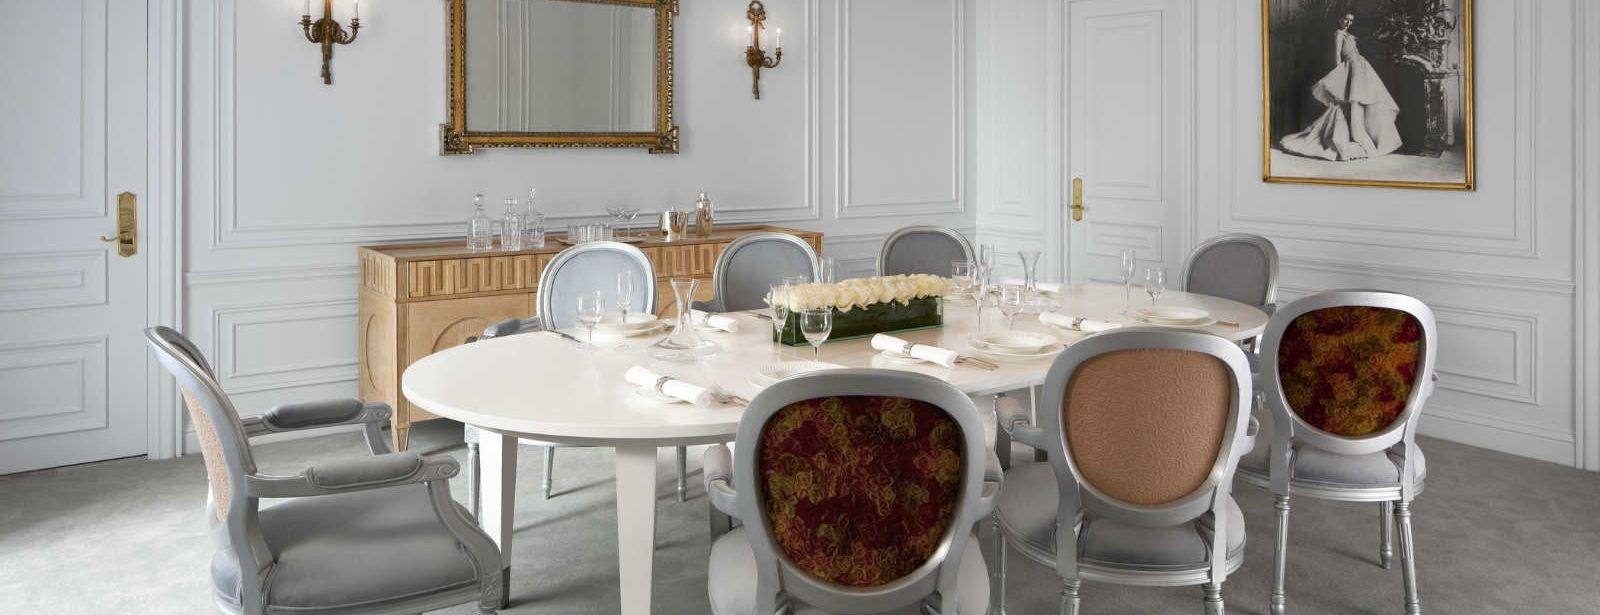 Sala de Jantar da suite Dior em hotel de luxo